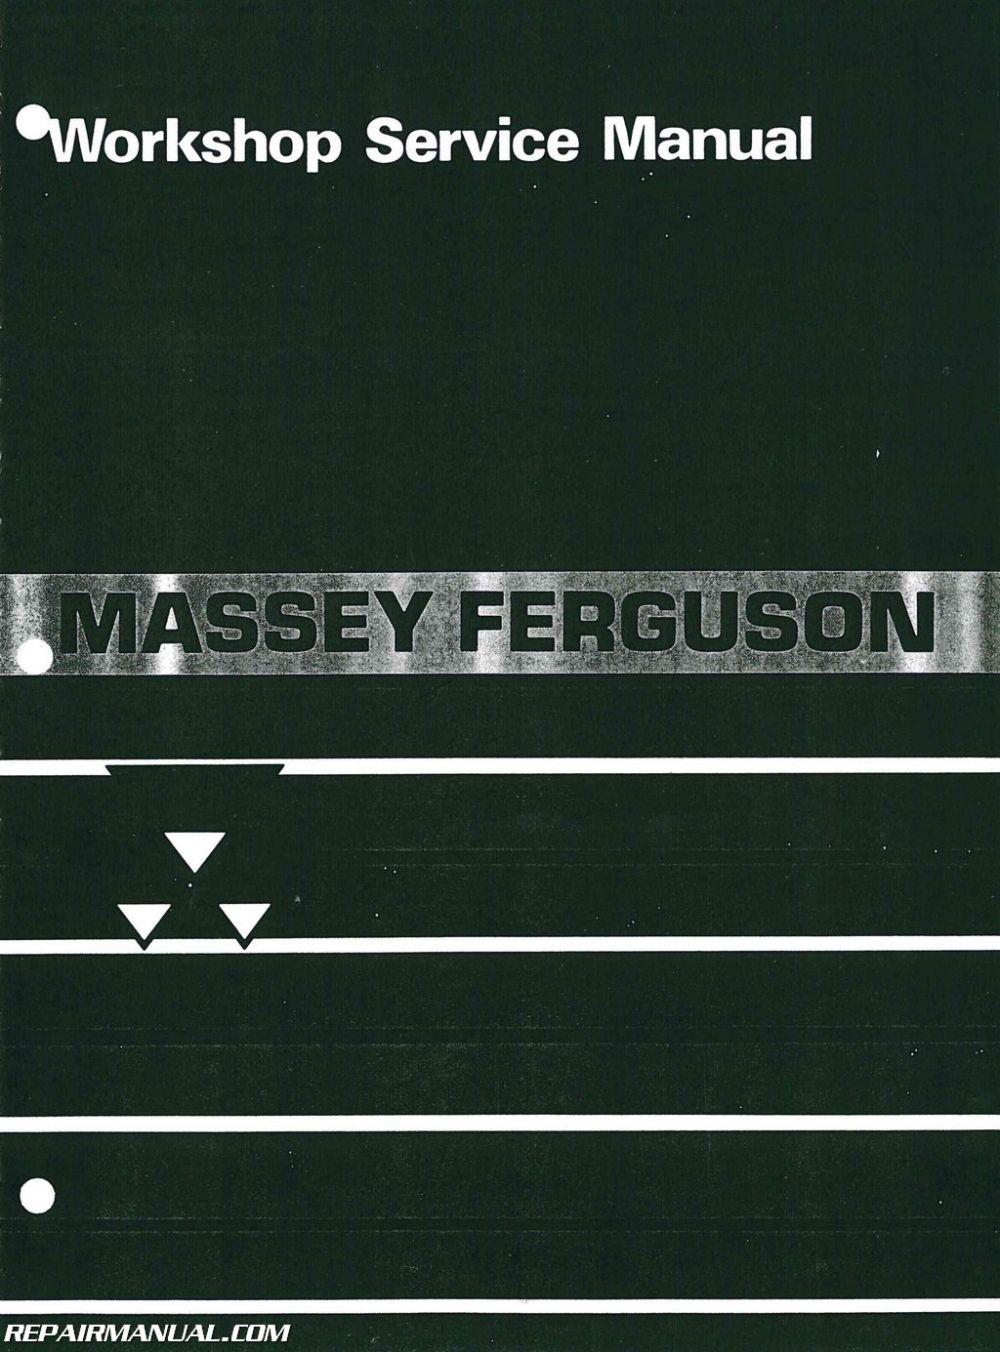 medium resolution of massey ferguson mf230 mf240 mf250 mf253 mf270 mf290 mf298 service manual jpg